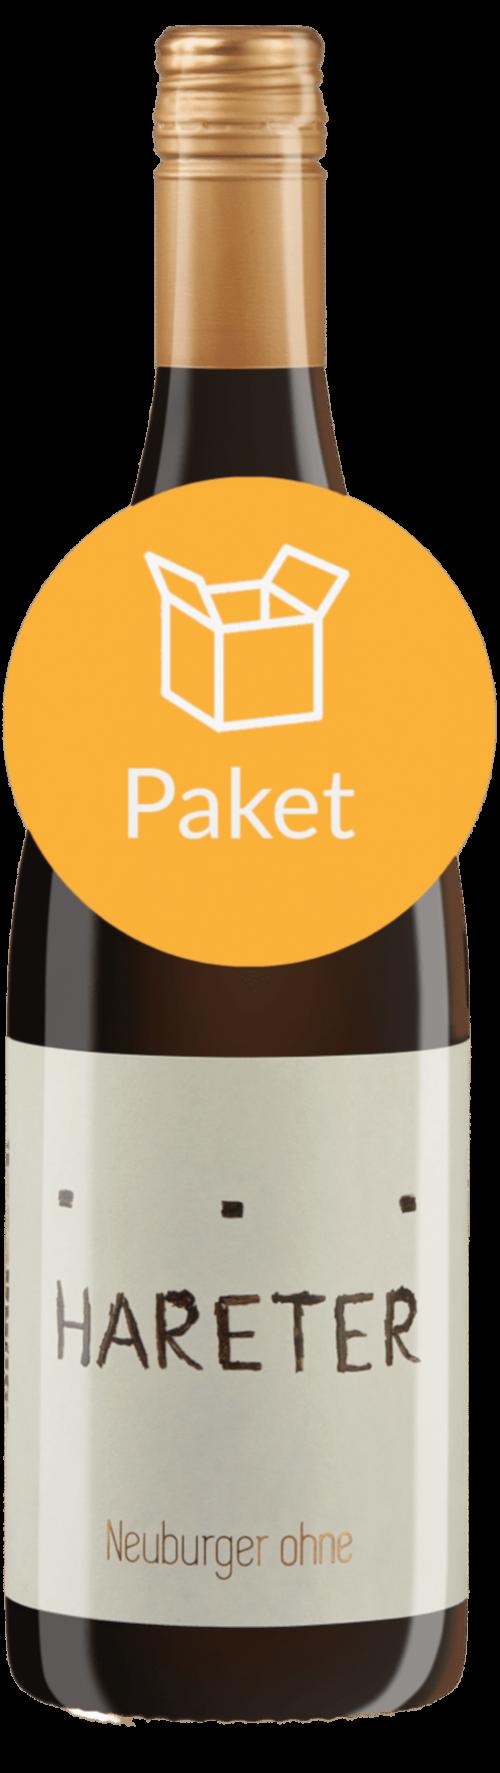 Naturwein_kaufen-Probierpaket-Hareter_Thomas